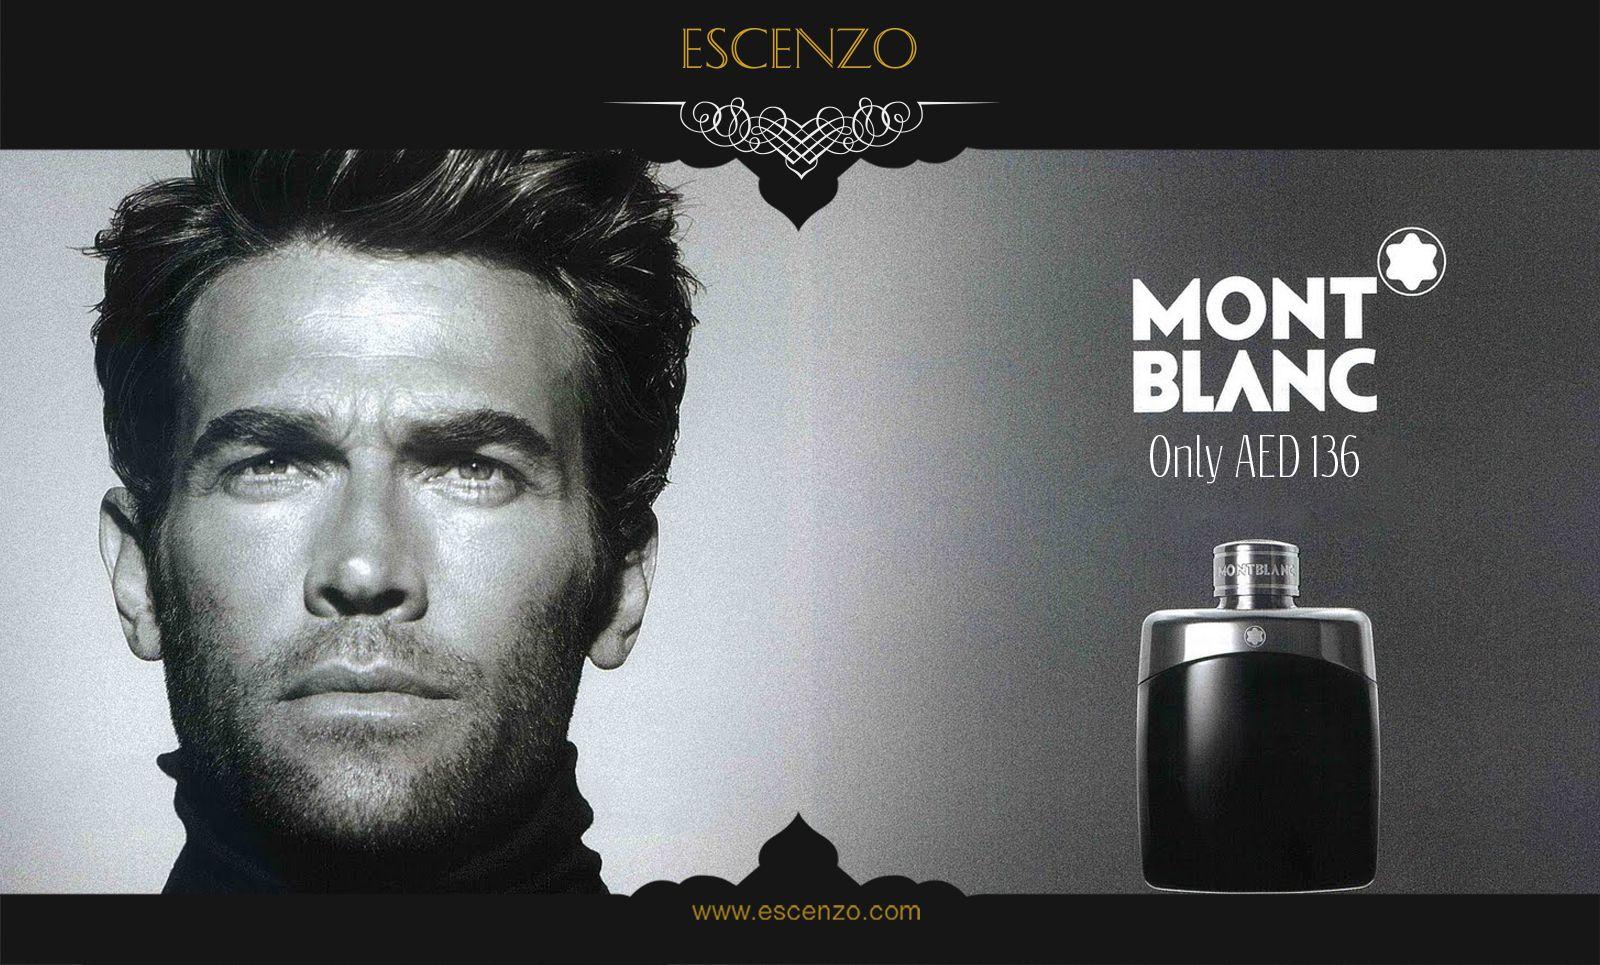 Buy Online Montblanc Legend Eau De Toilette 100ml Perfume In Dubai Uae From Escenzo Mont Blanc Perfume Best Perfume Eau De Toilette